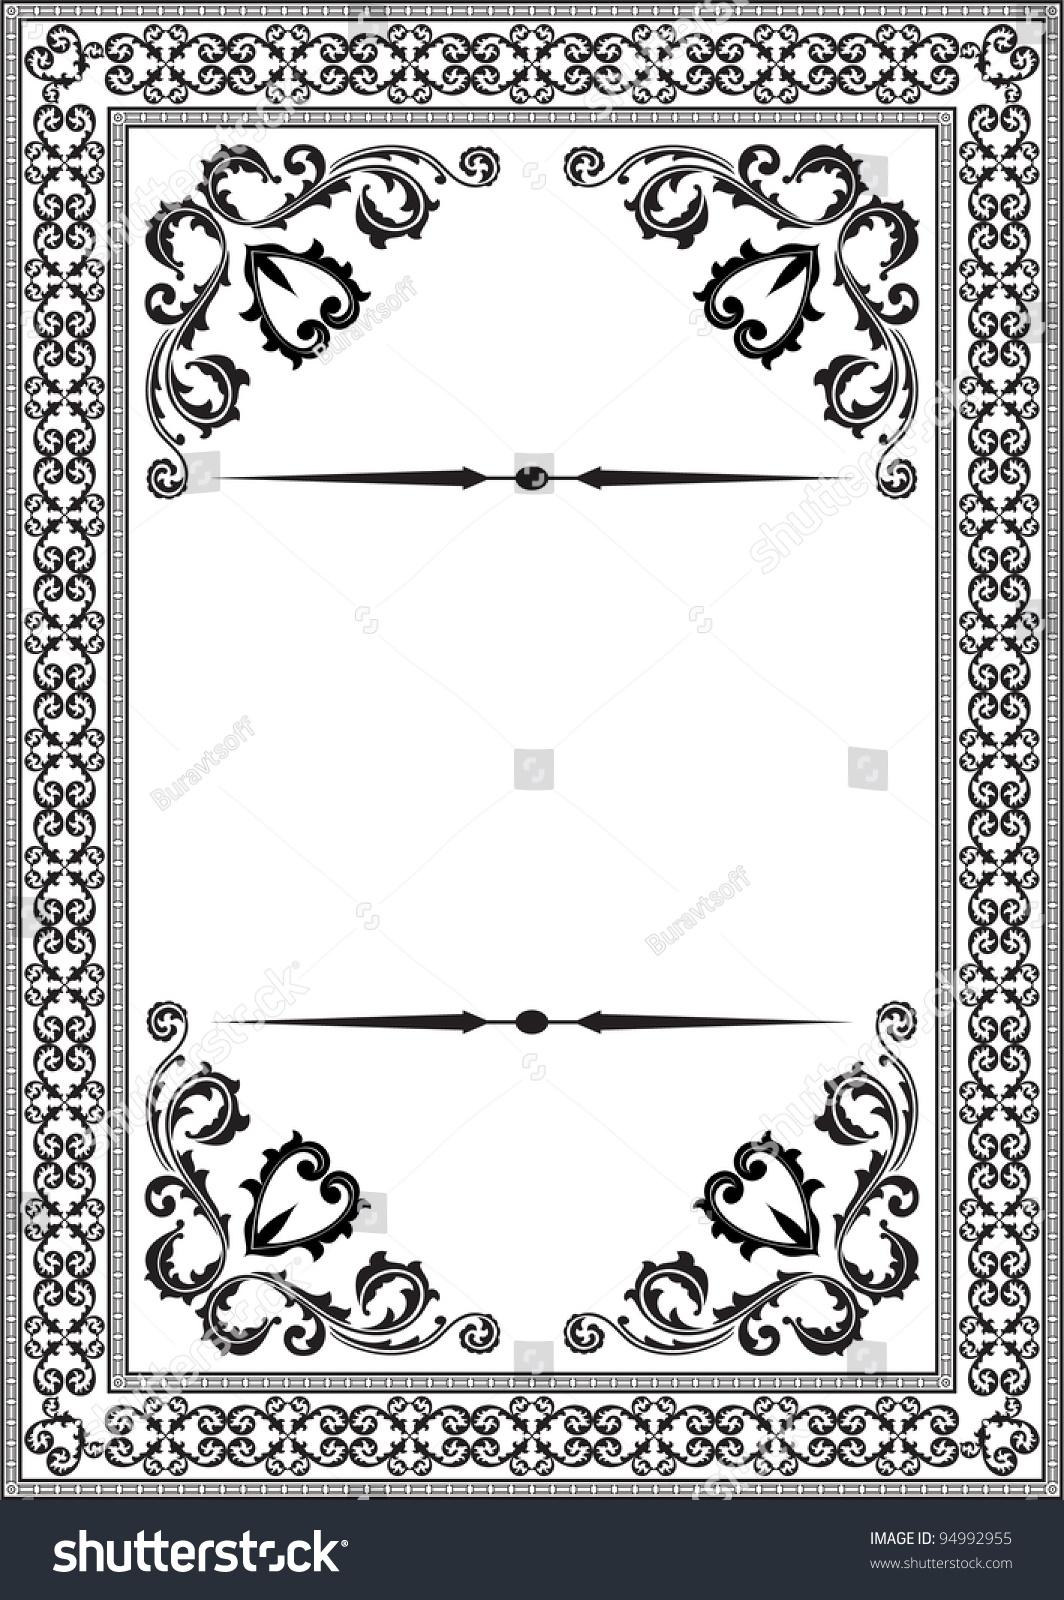 Baroque Nice Frame On White Stock Vector 94992955 - Shutterstock